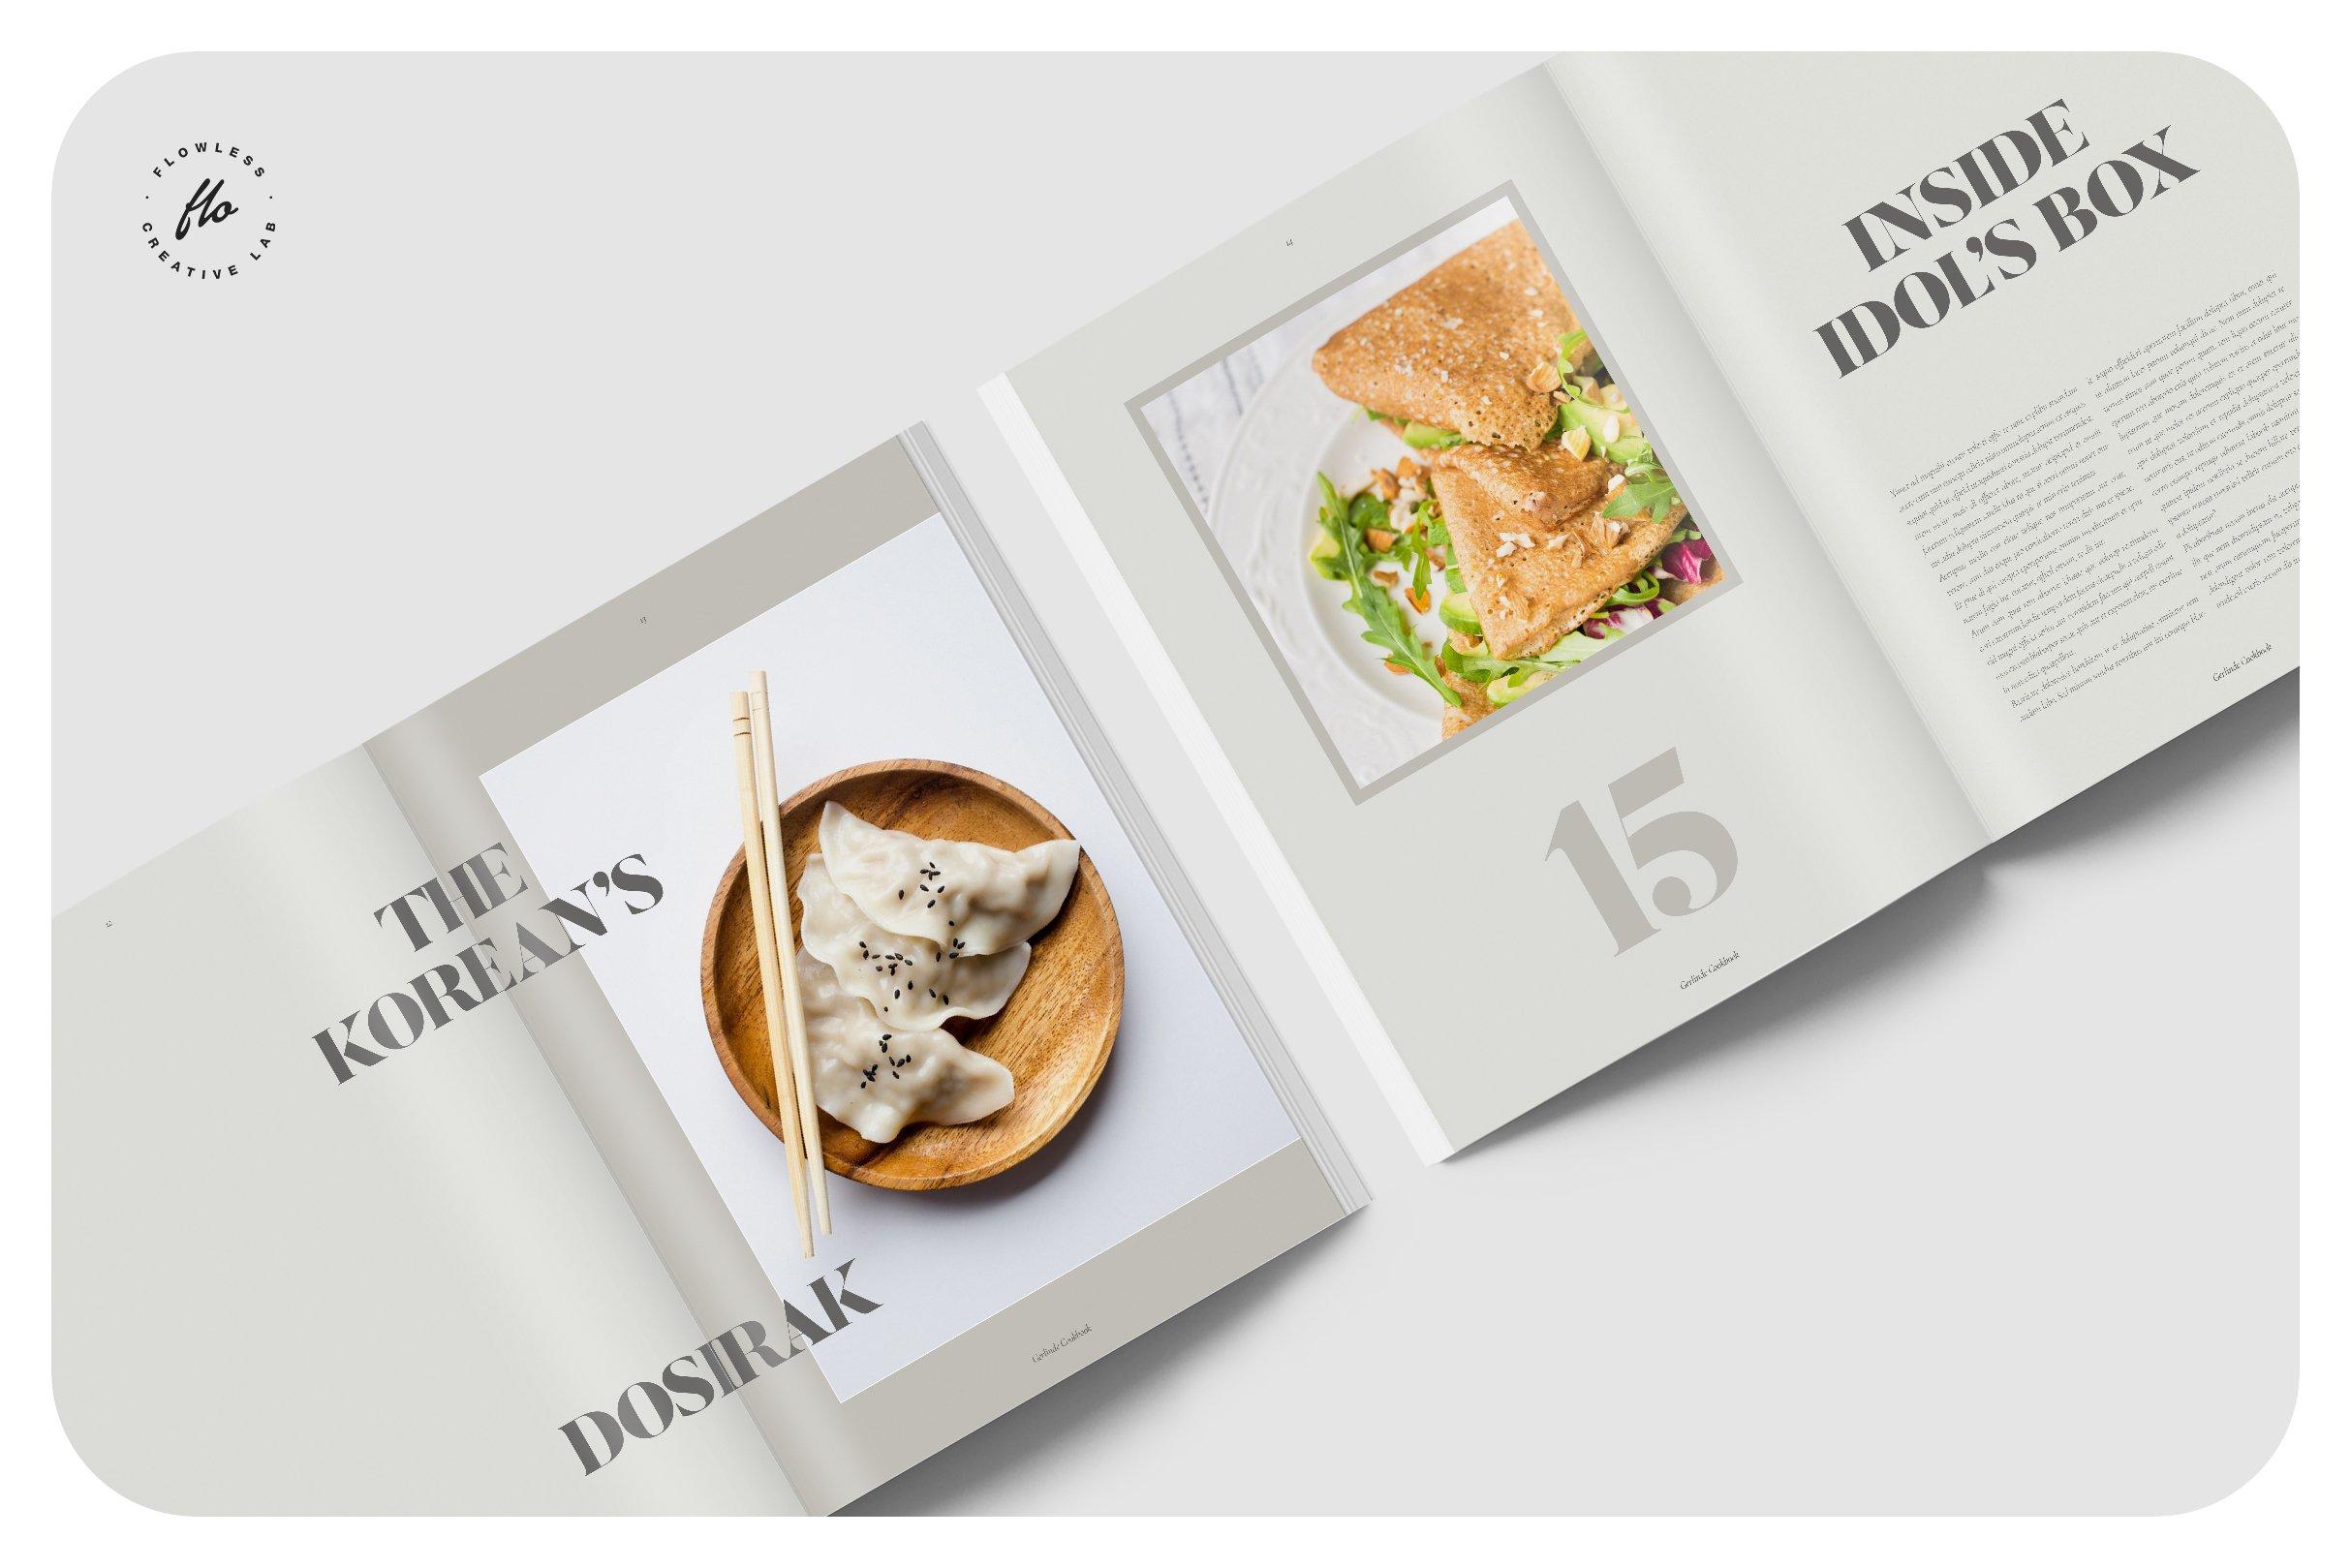 美食食谱菜单设计INDD画册模板 GERLIND Food Recipe Cookbook插图(2)